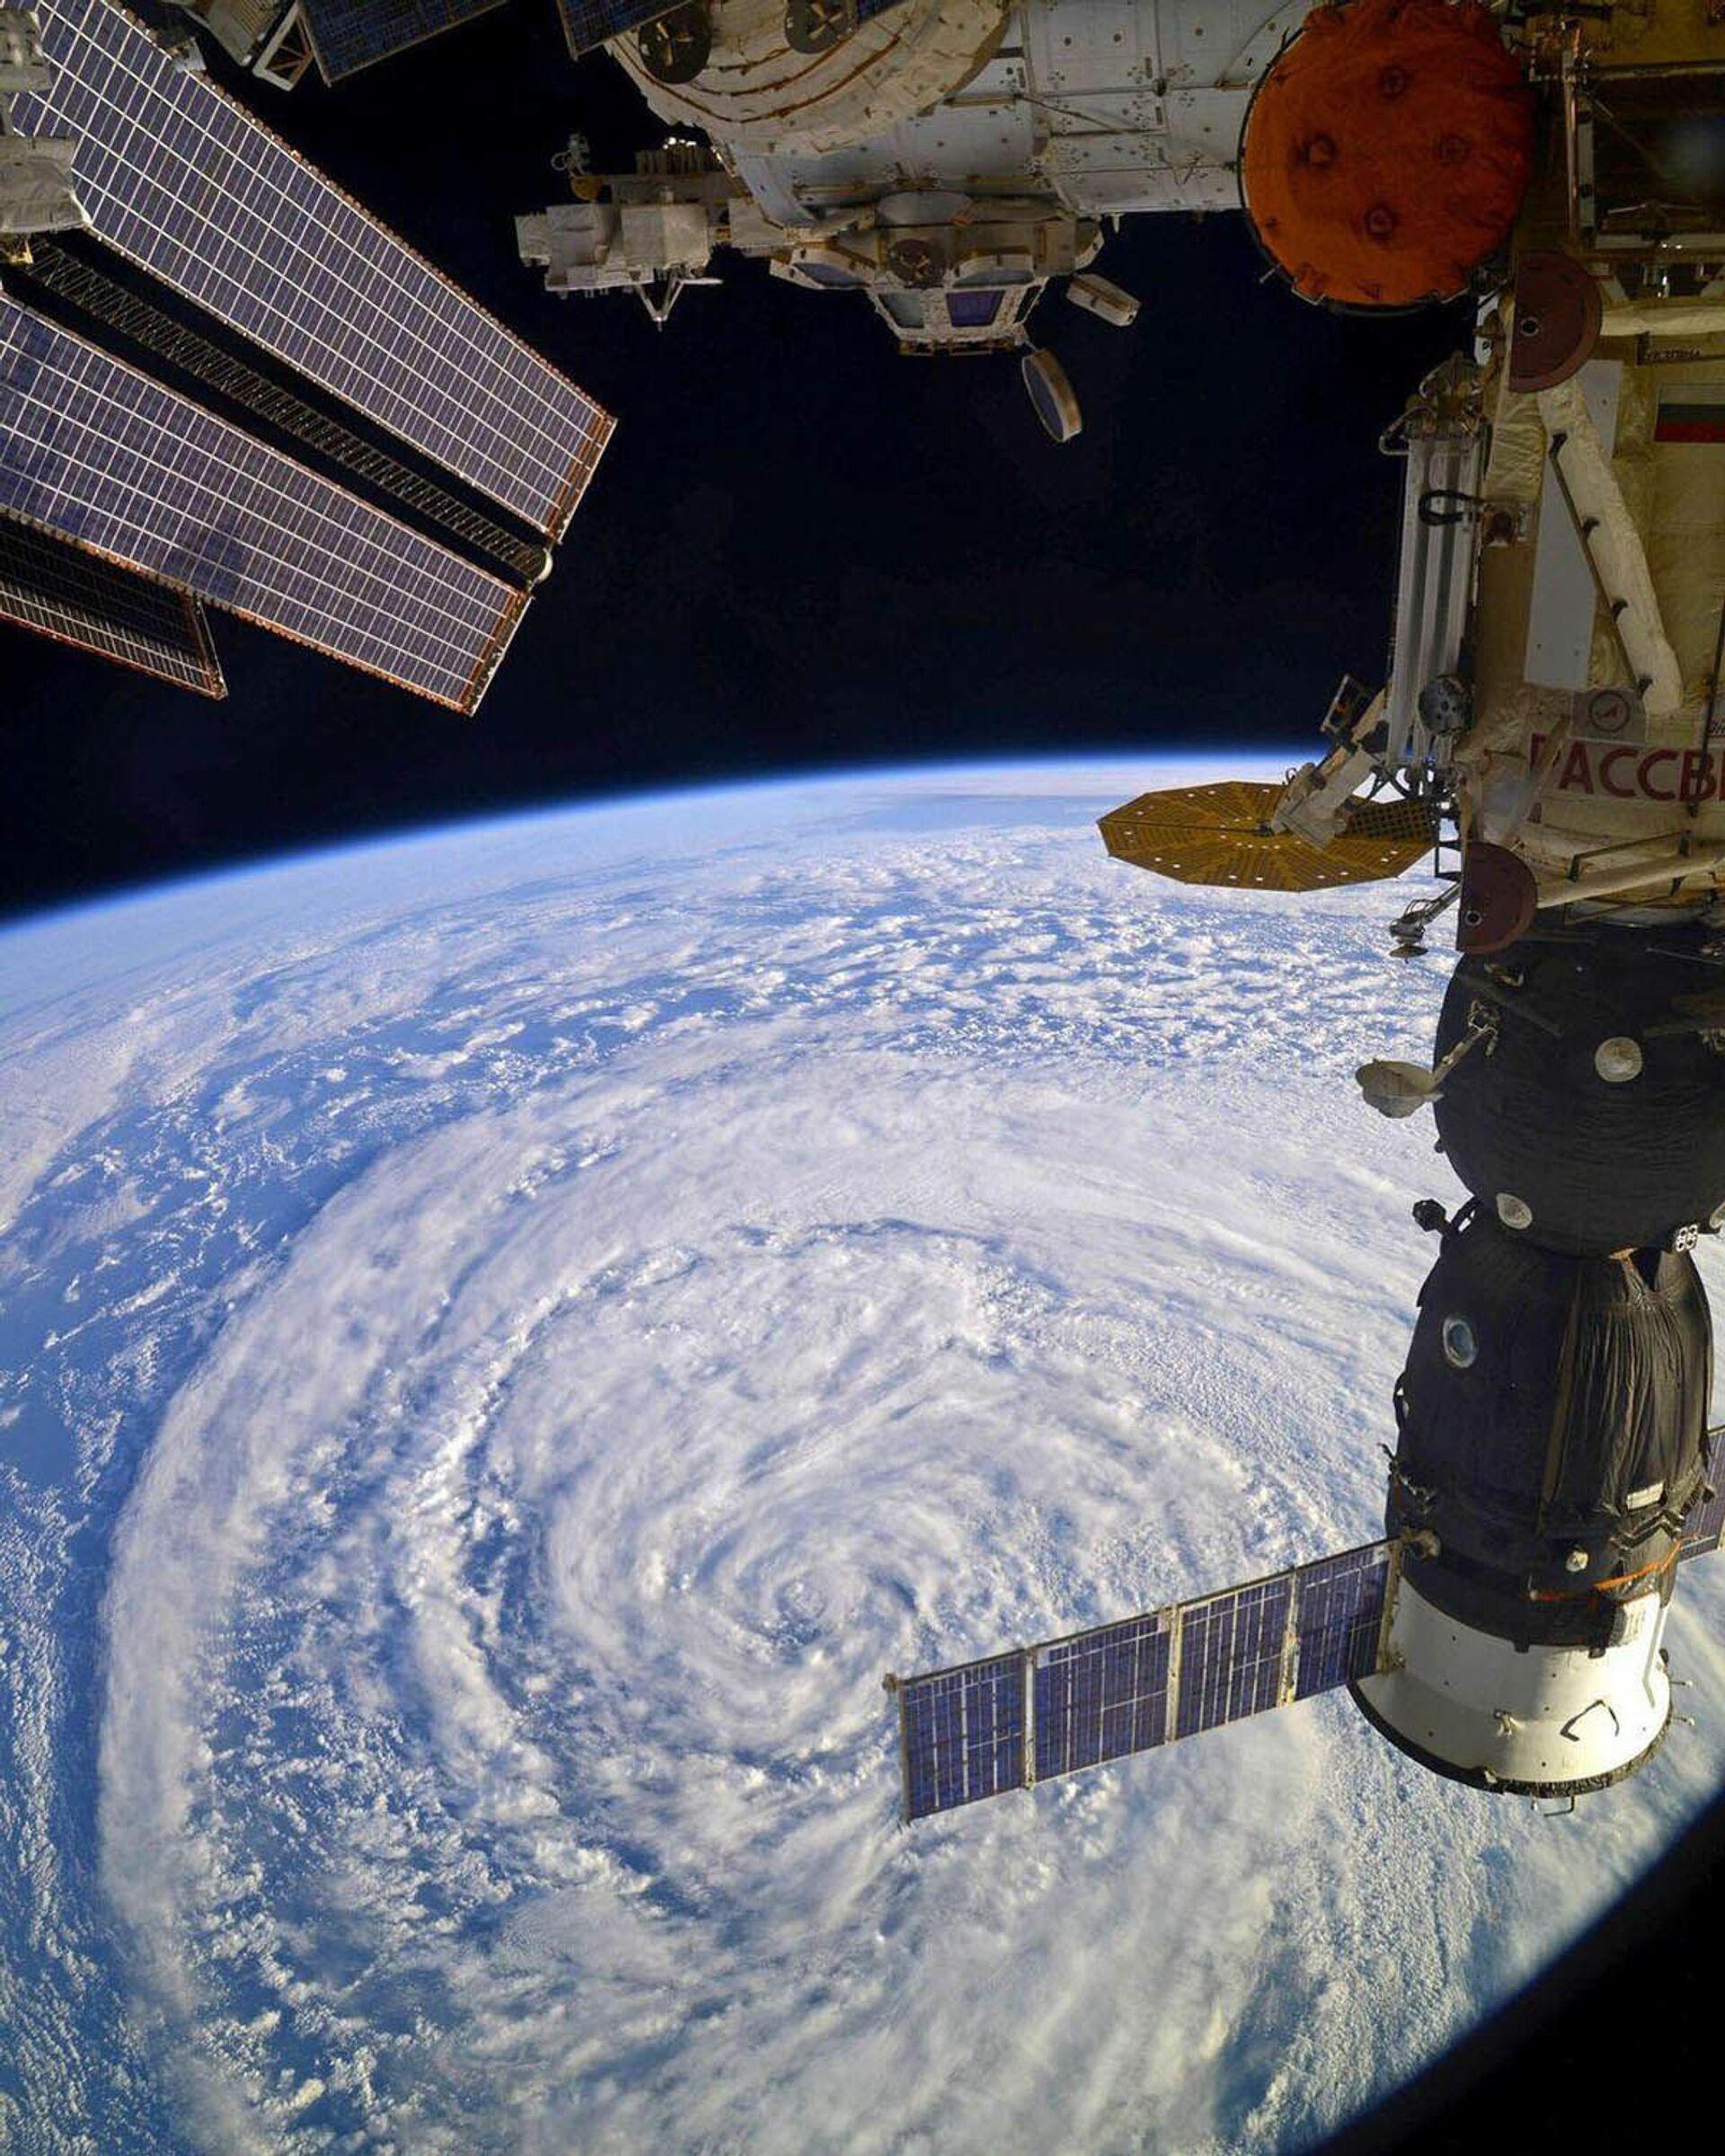 La Stazione Spaziale Internazionale (ISS) sopra un ciclone - Sputnik Italia, 1920, 18.05.2021